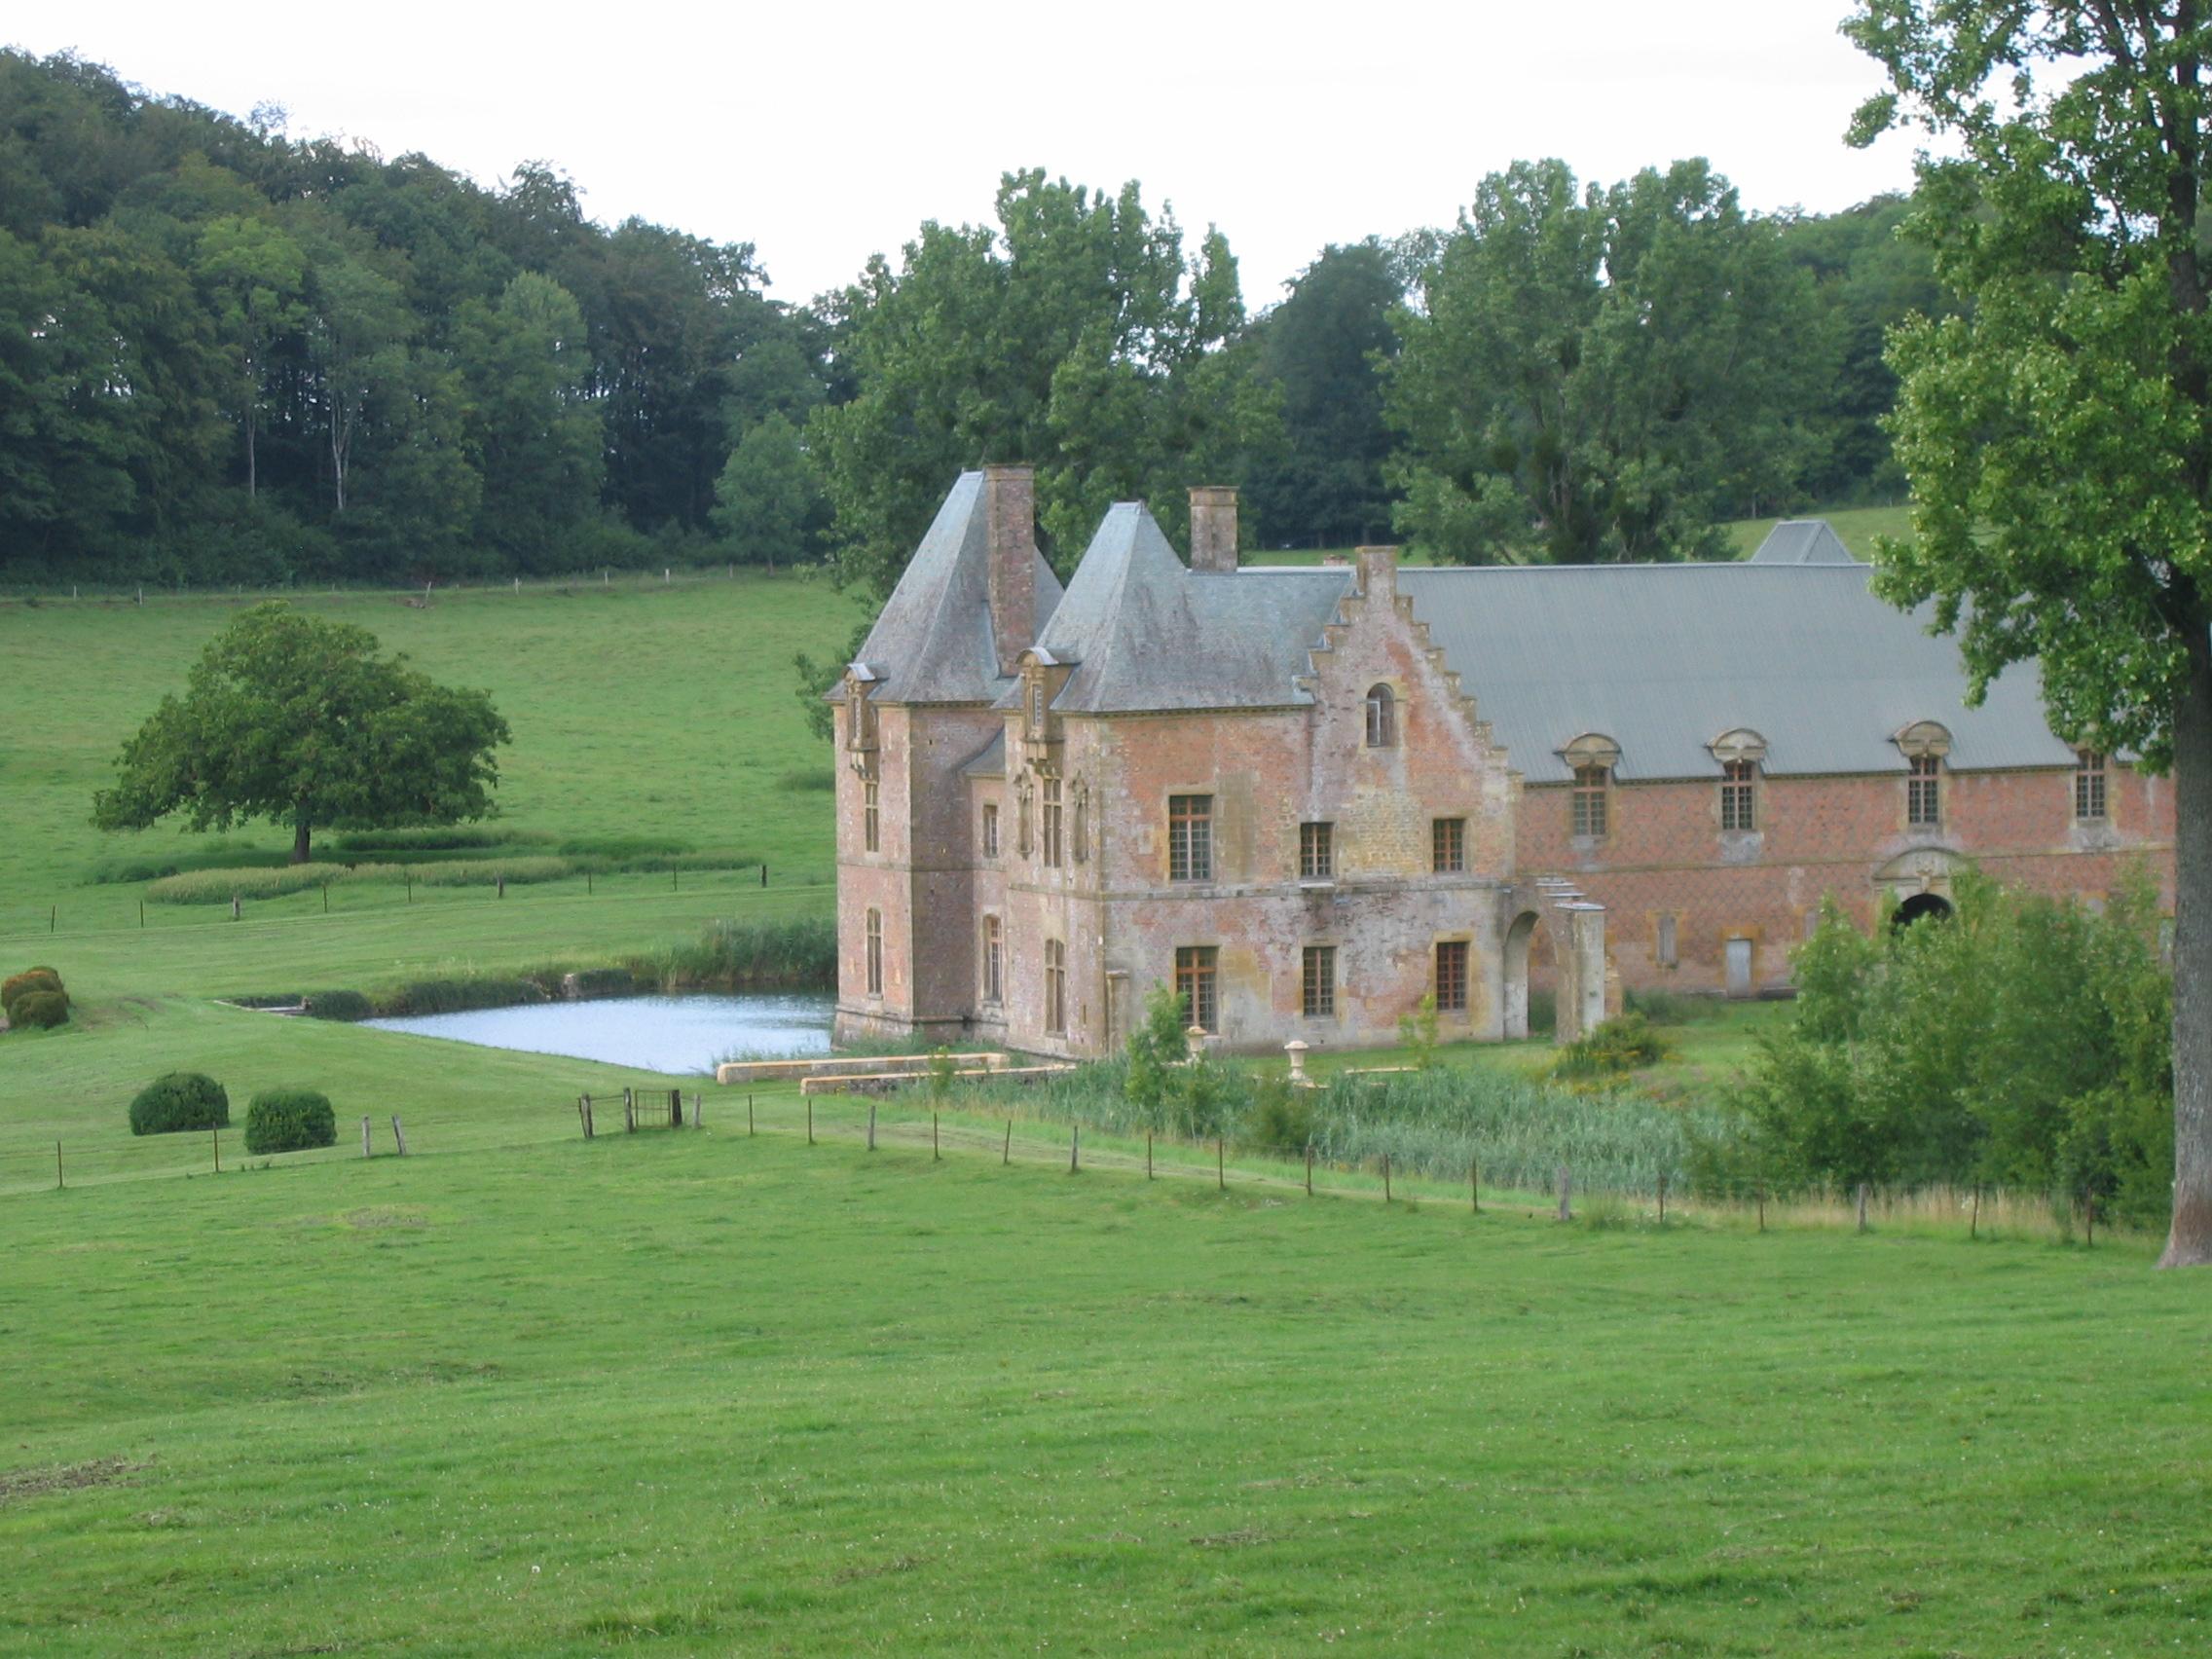 Grand_corps_de_logis_Chartreuse_du_Mont-Dieu_Ardennes_France.jpg